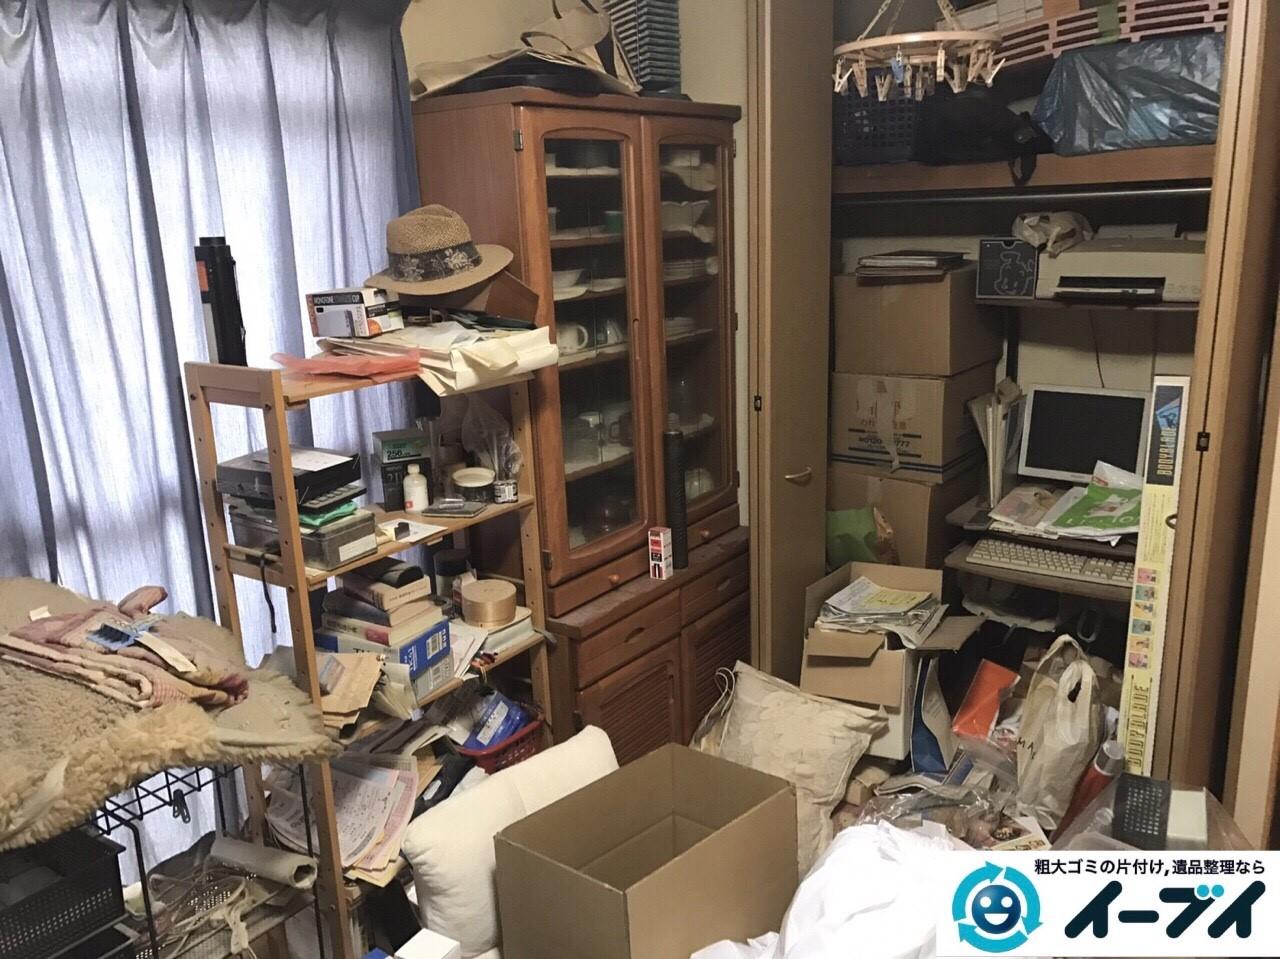 2017年9月30日大阪府岸和田市で遺品整理に伴い家具処分や片付けをしました。写真4